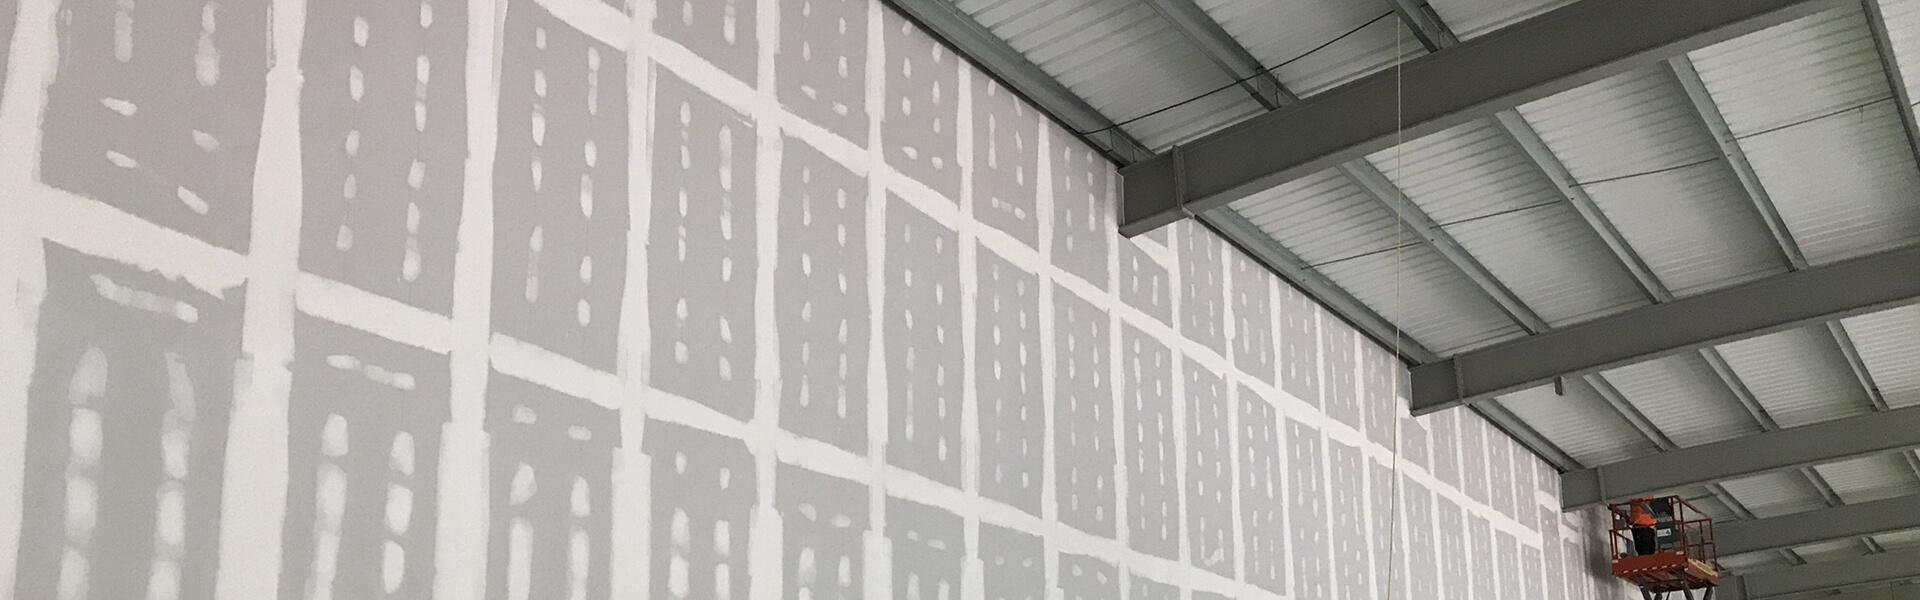 Ceiling - SLP Interiors Ltd